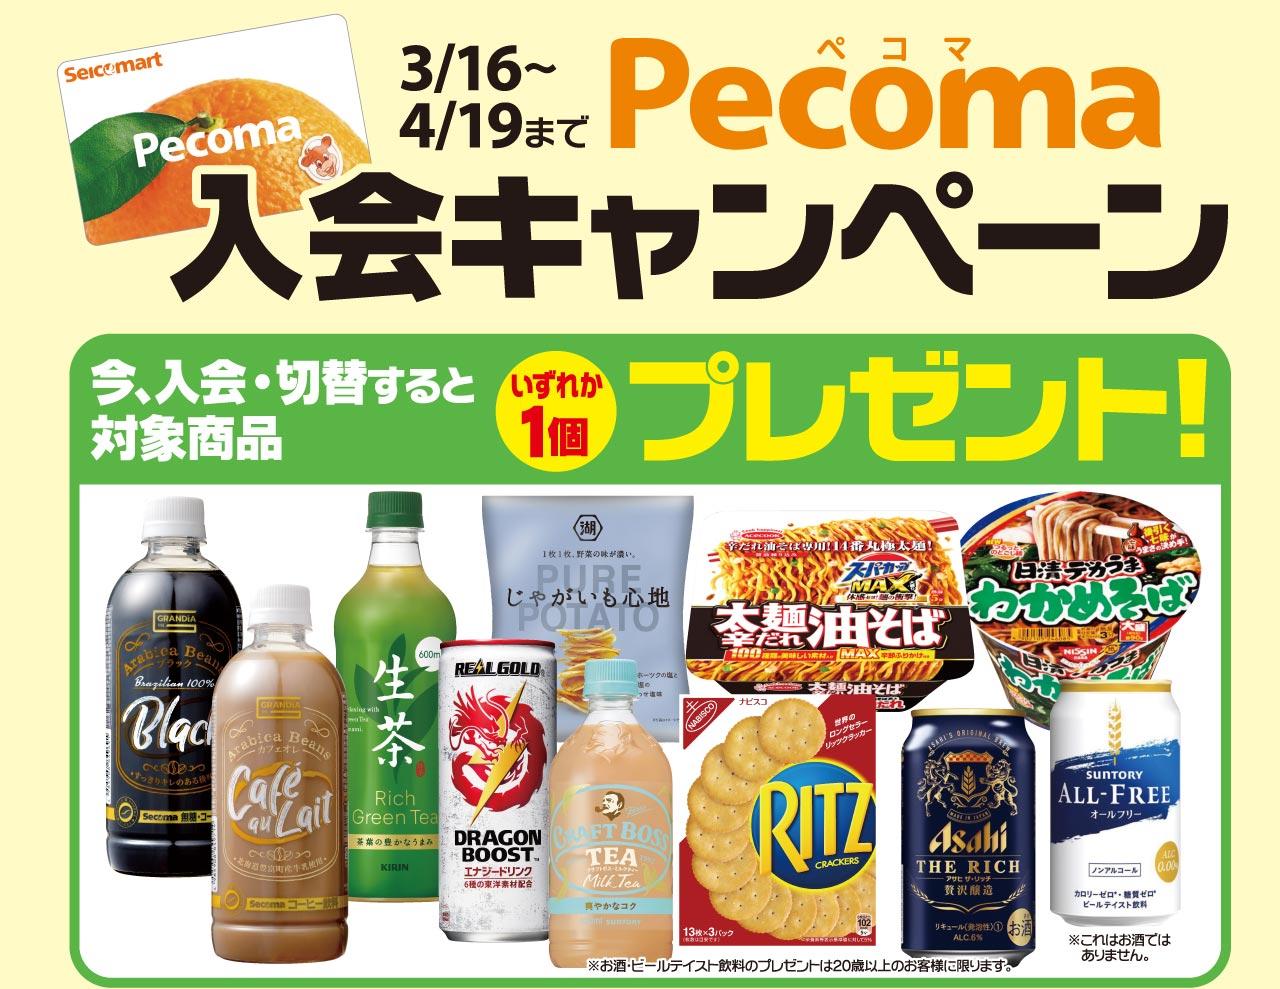 セイコーマートのペコマ入会でお茶やお菓子、ビールが貰える。5,0のつく日で2%バック。9/6~10/3。